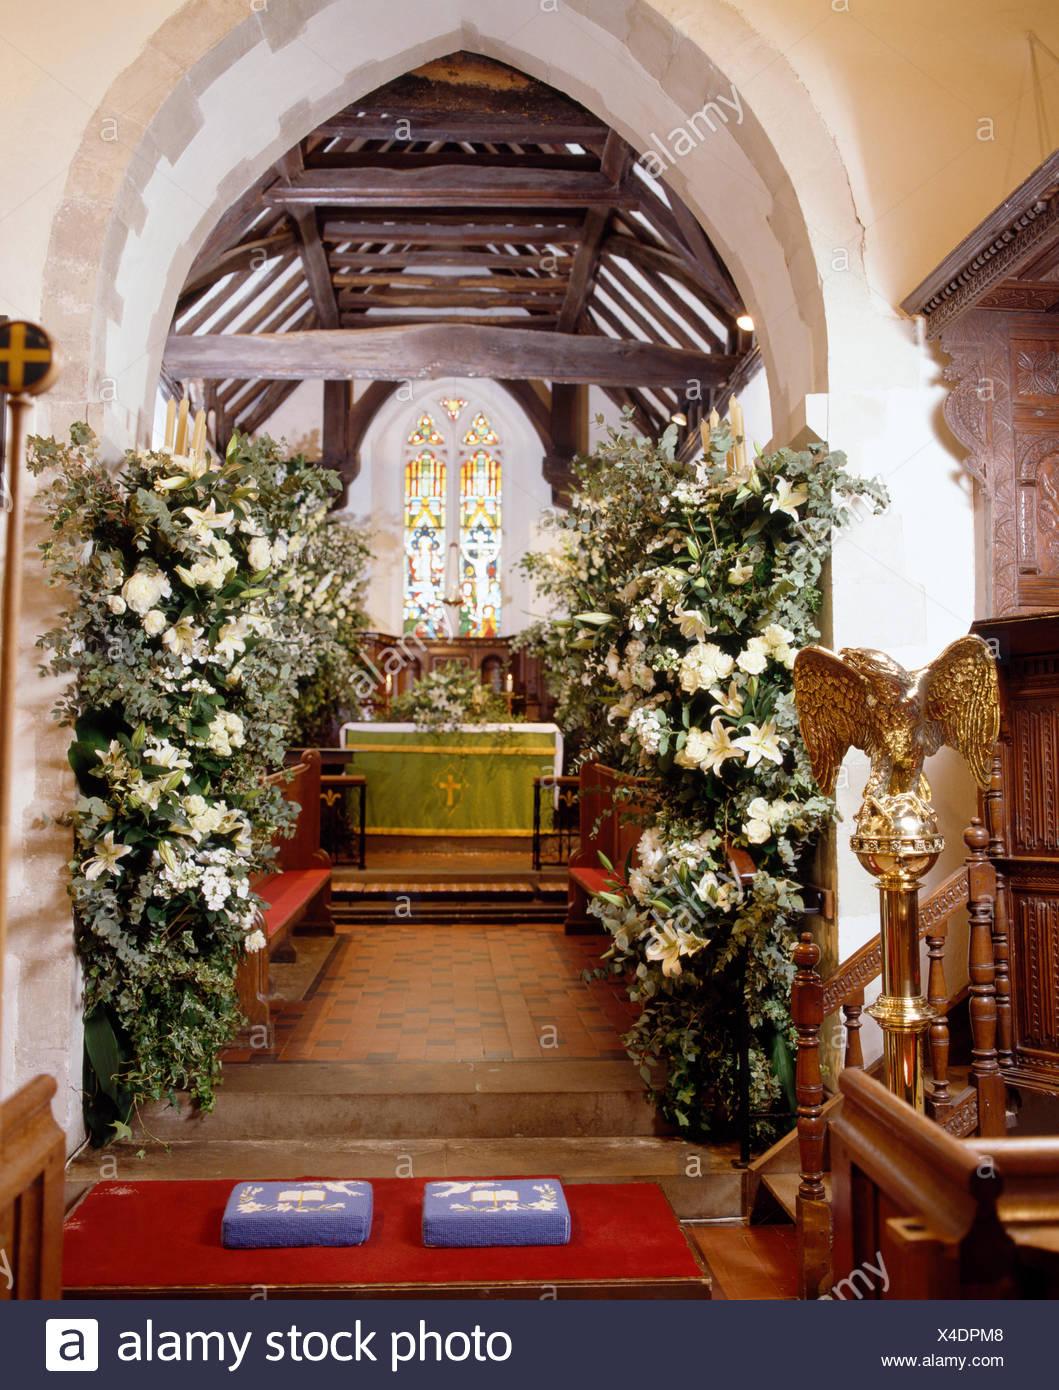 País Iglesia Decorada Para Una Boda Con Lirios Blancos En